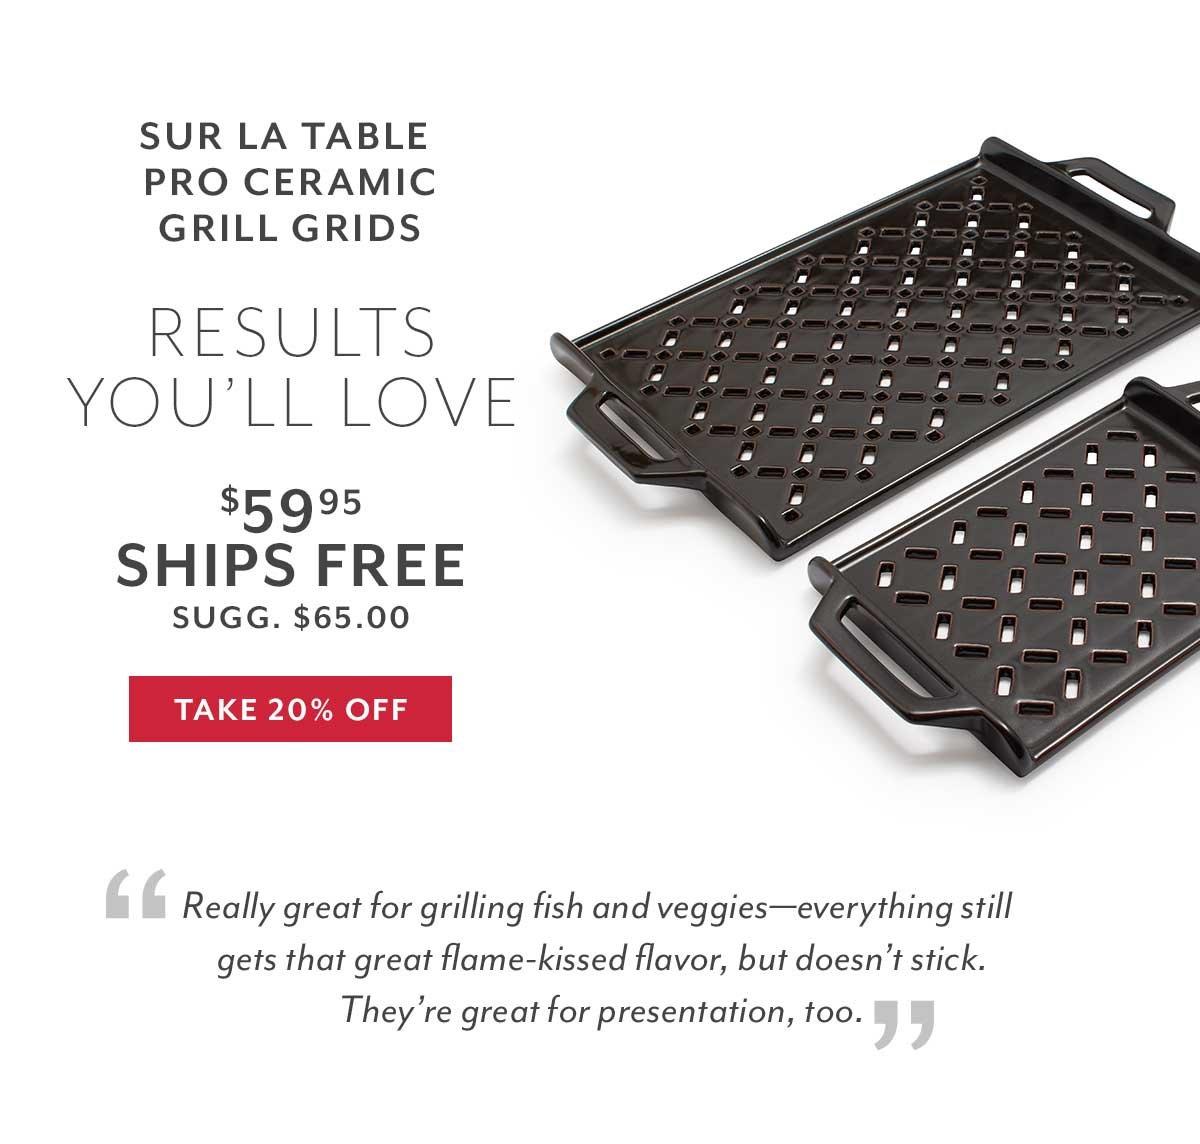 Sur La Table Grill Grids